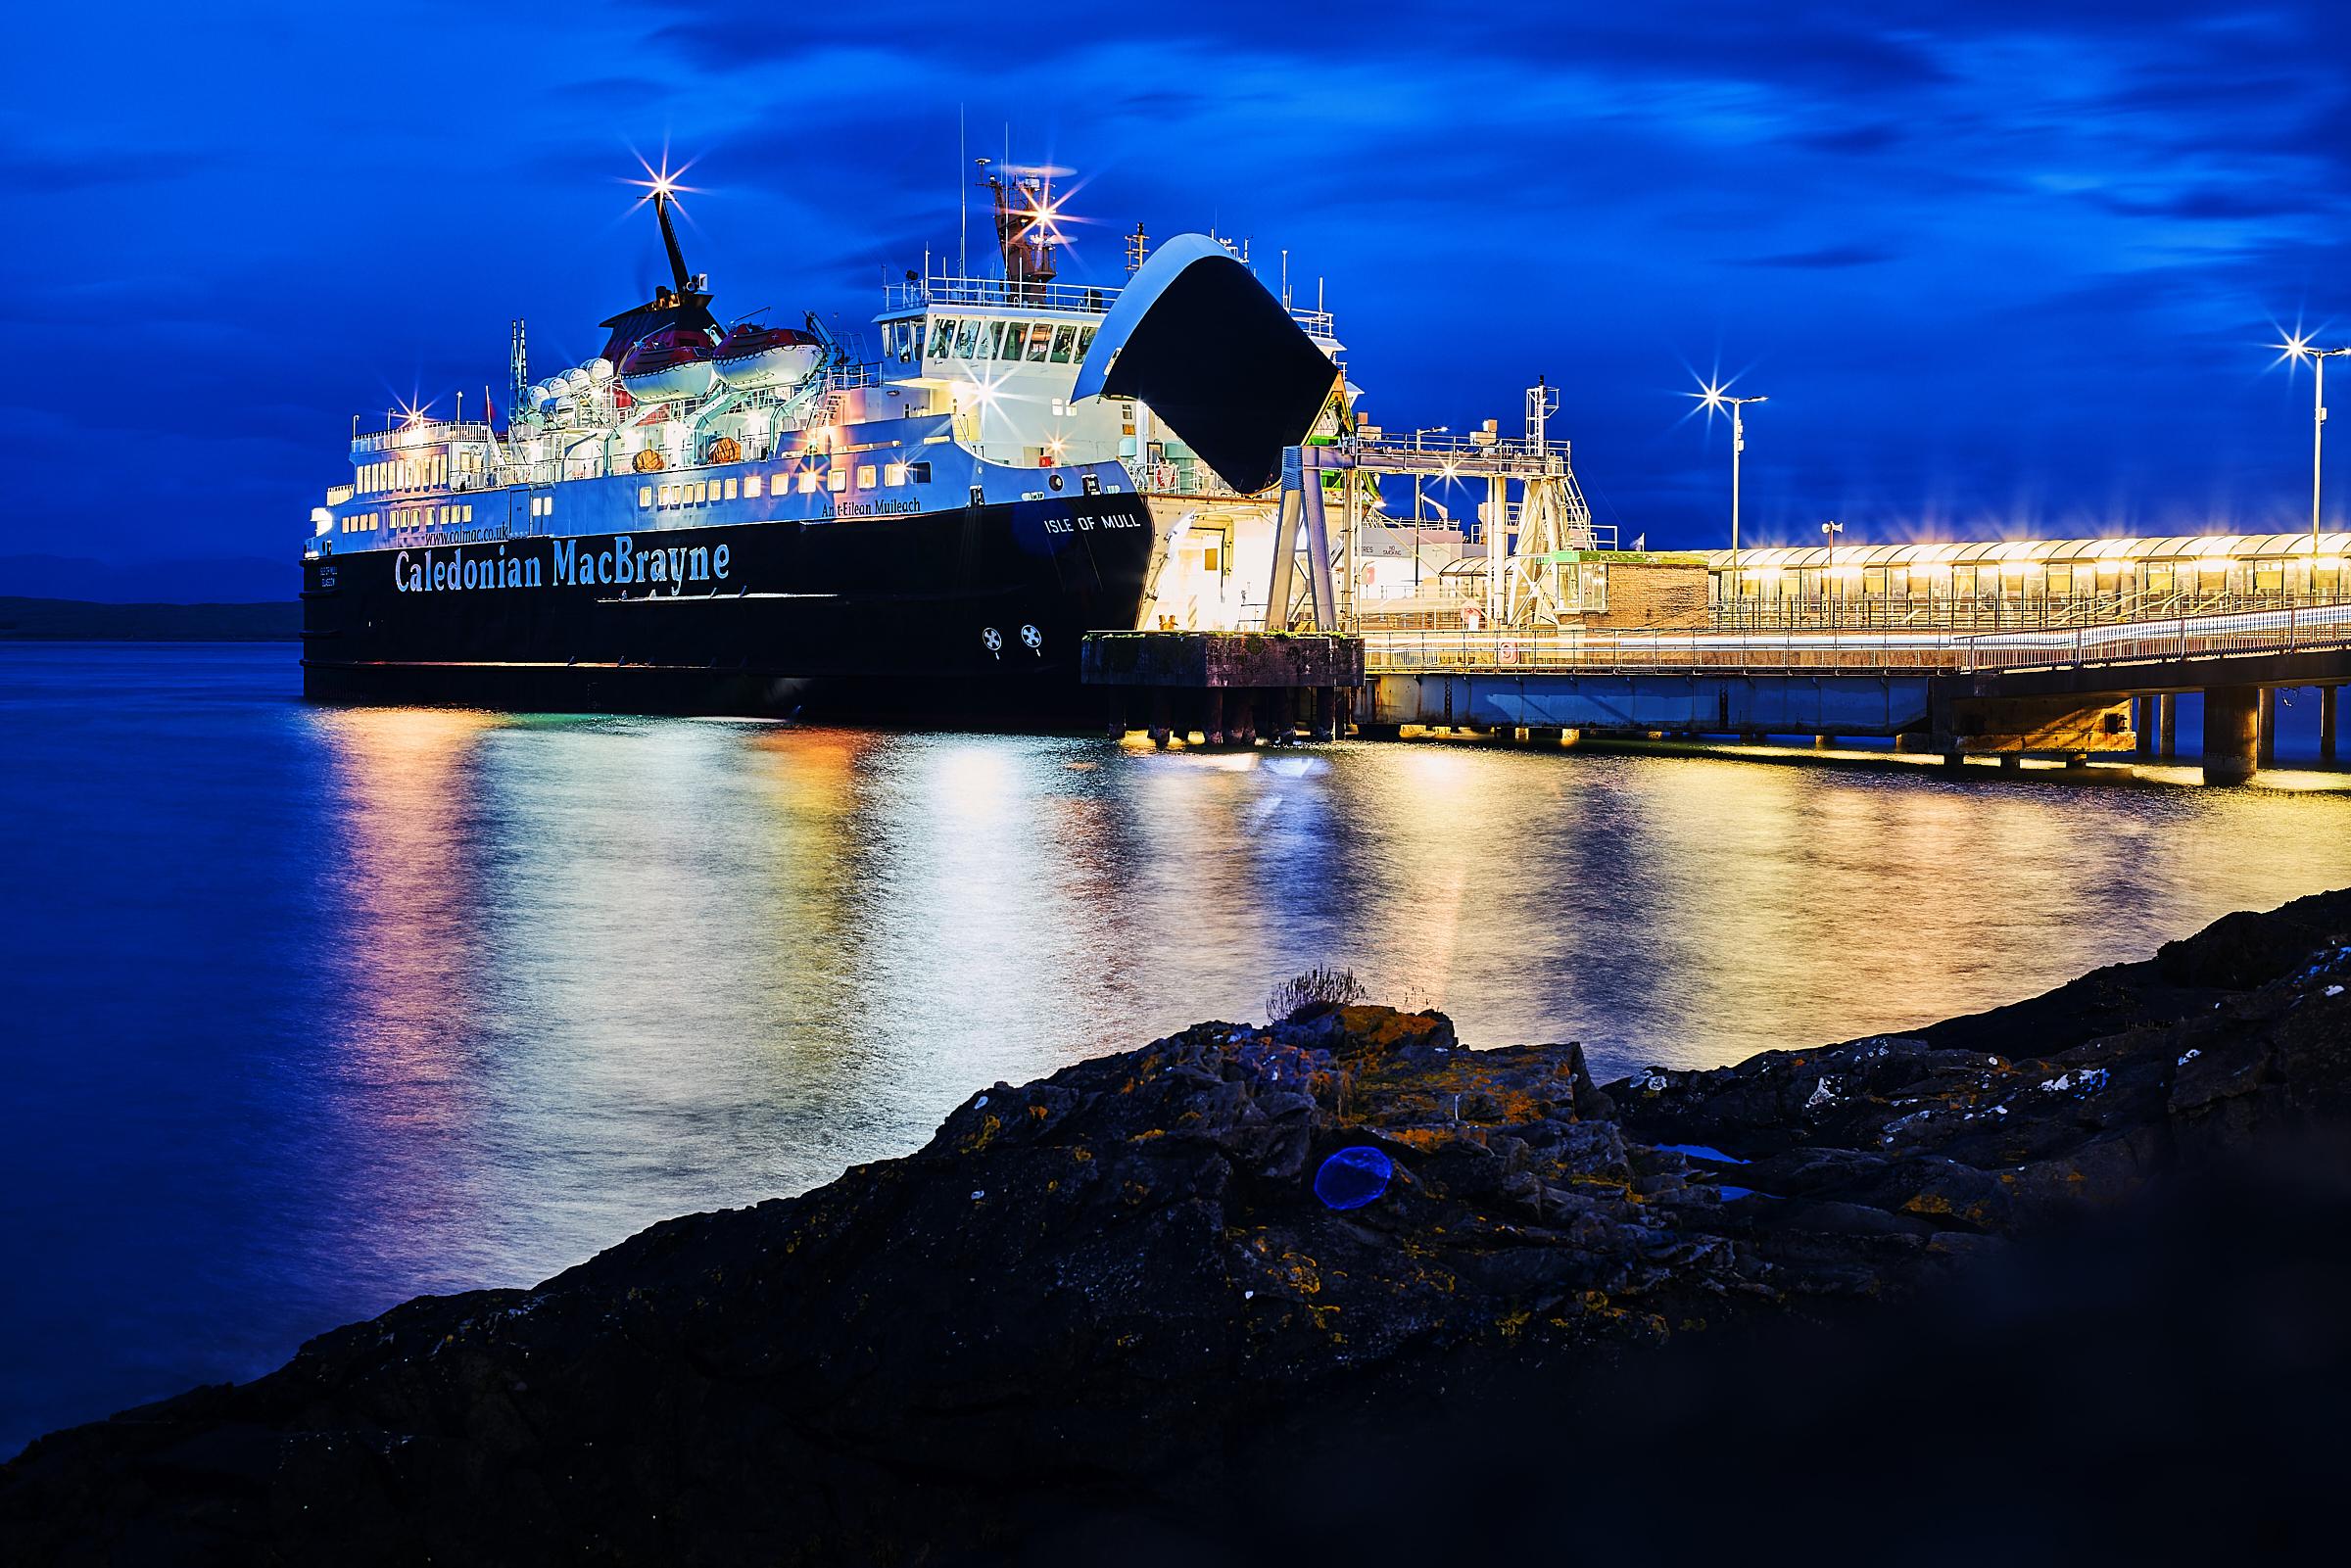 s´fotostudio by Dominik Somweber_Isle of Mull Ferry